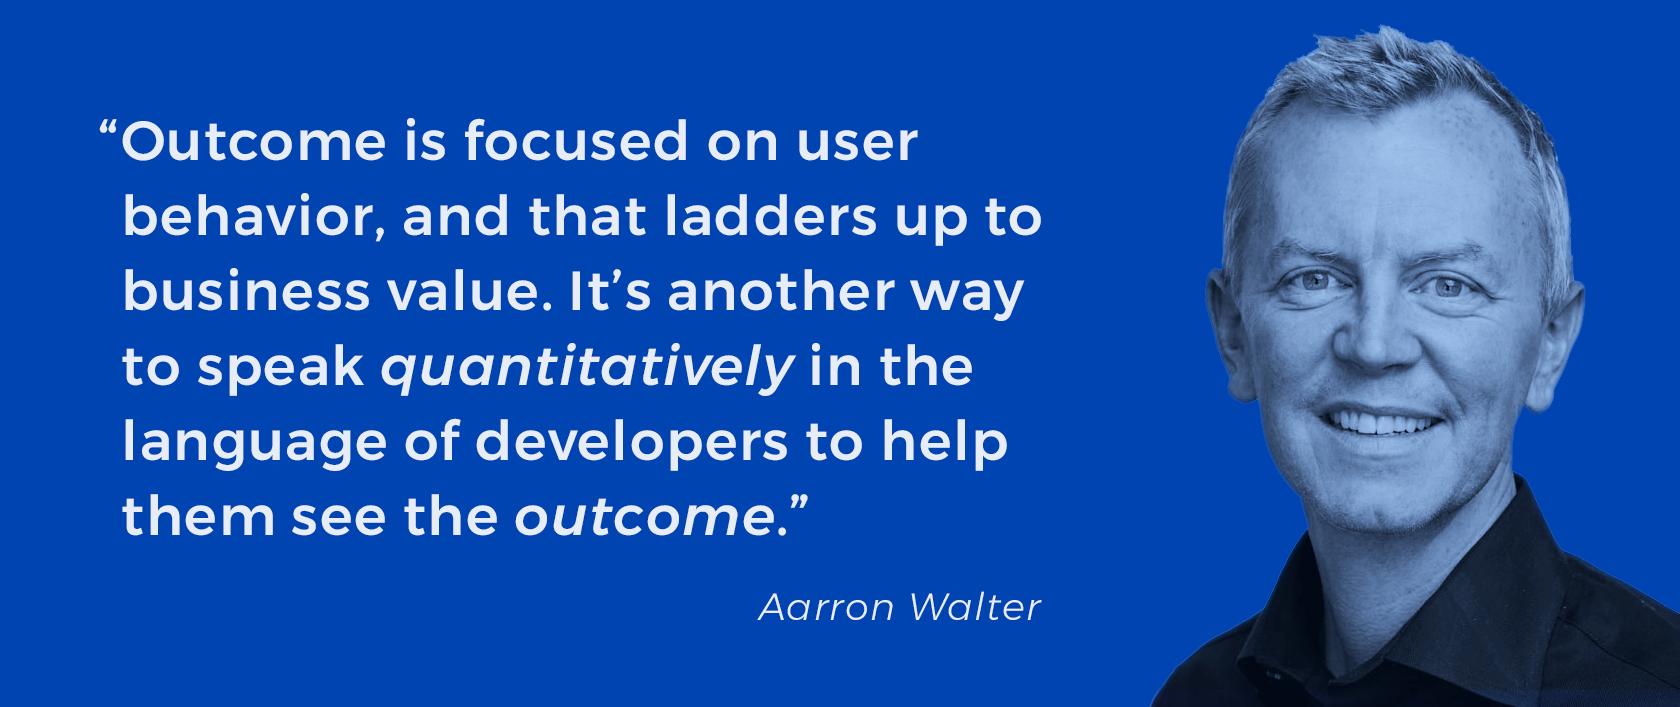 On designer-developer collaboration.